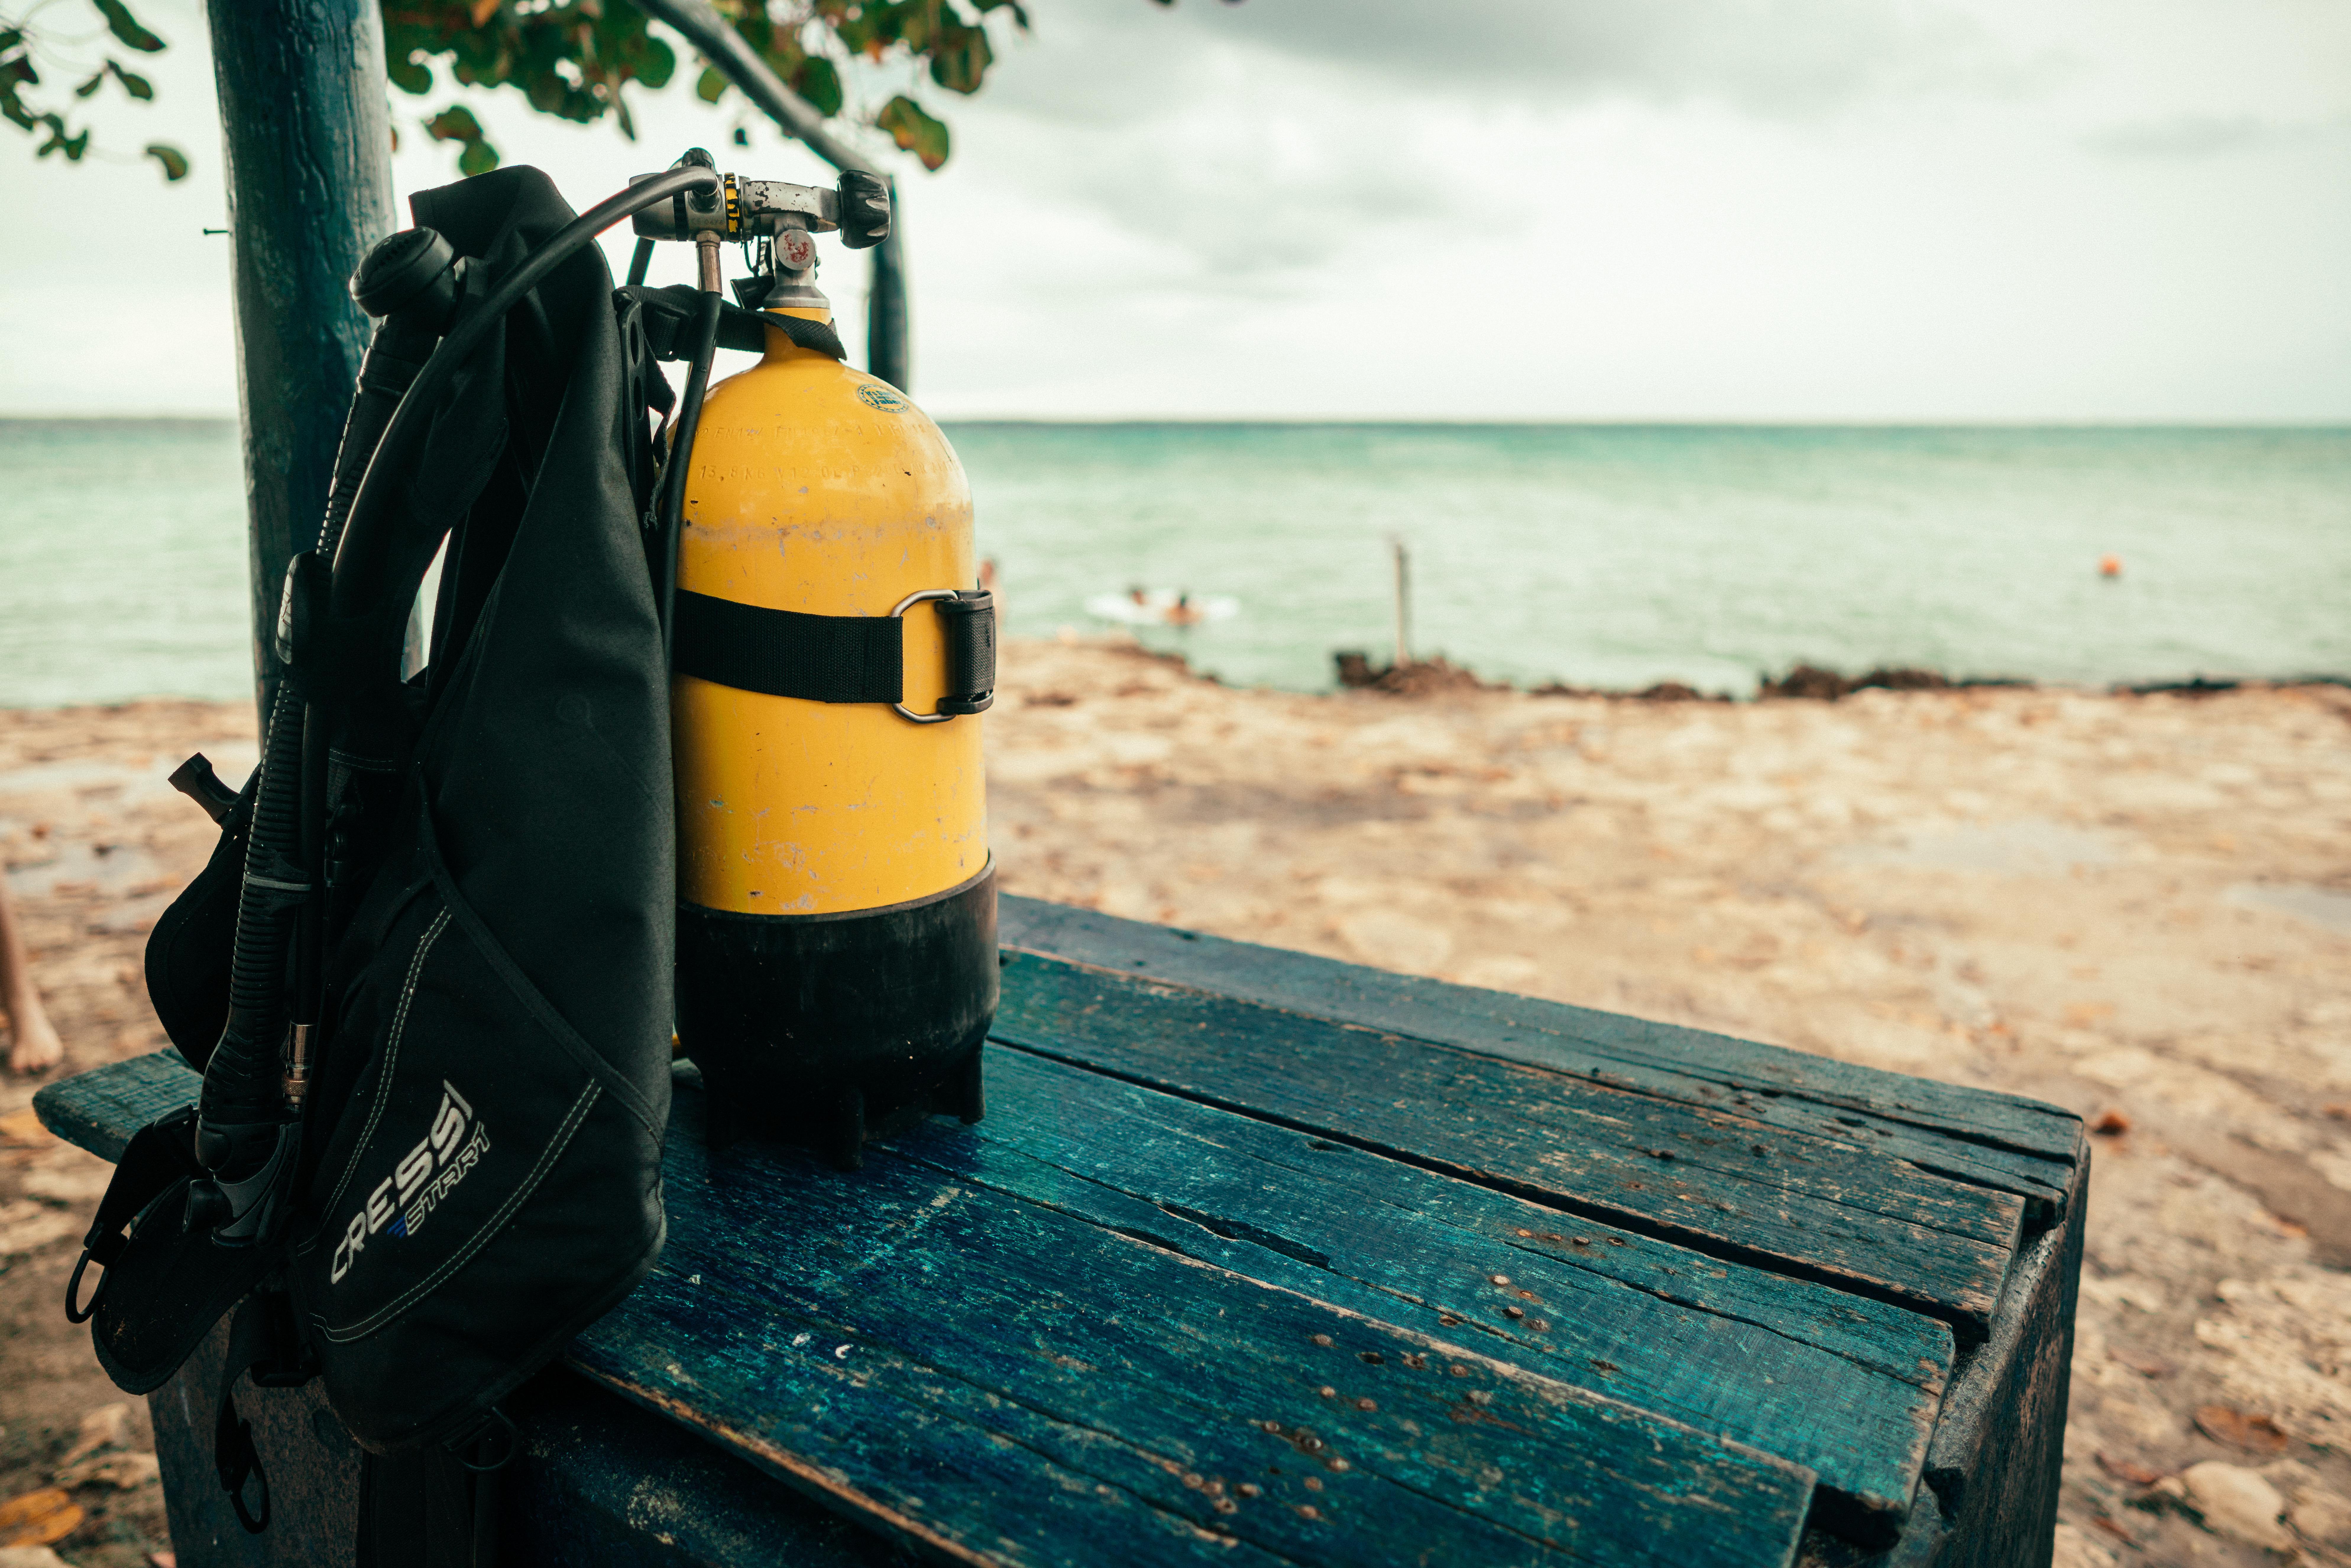 Tauchausrüstung bereit zum Einsatz in Isla de la Juventud